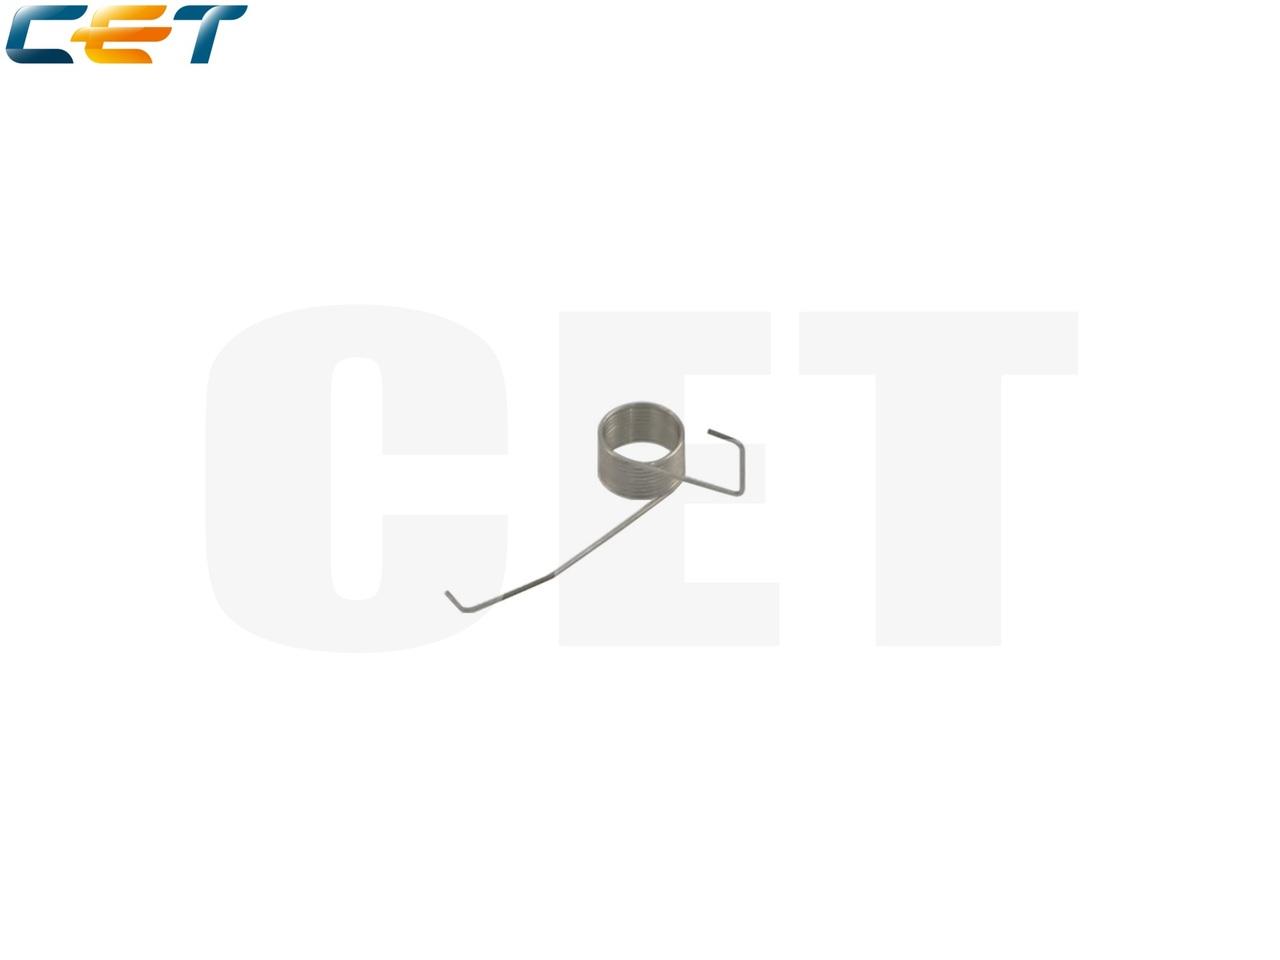 Пружина сепаратора резинового вала MSPRD4391FCZZ дляSHARP MX-6240N/7040N/6580N/7580N (CET), CET551001